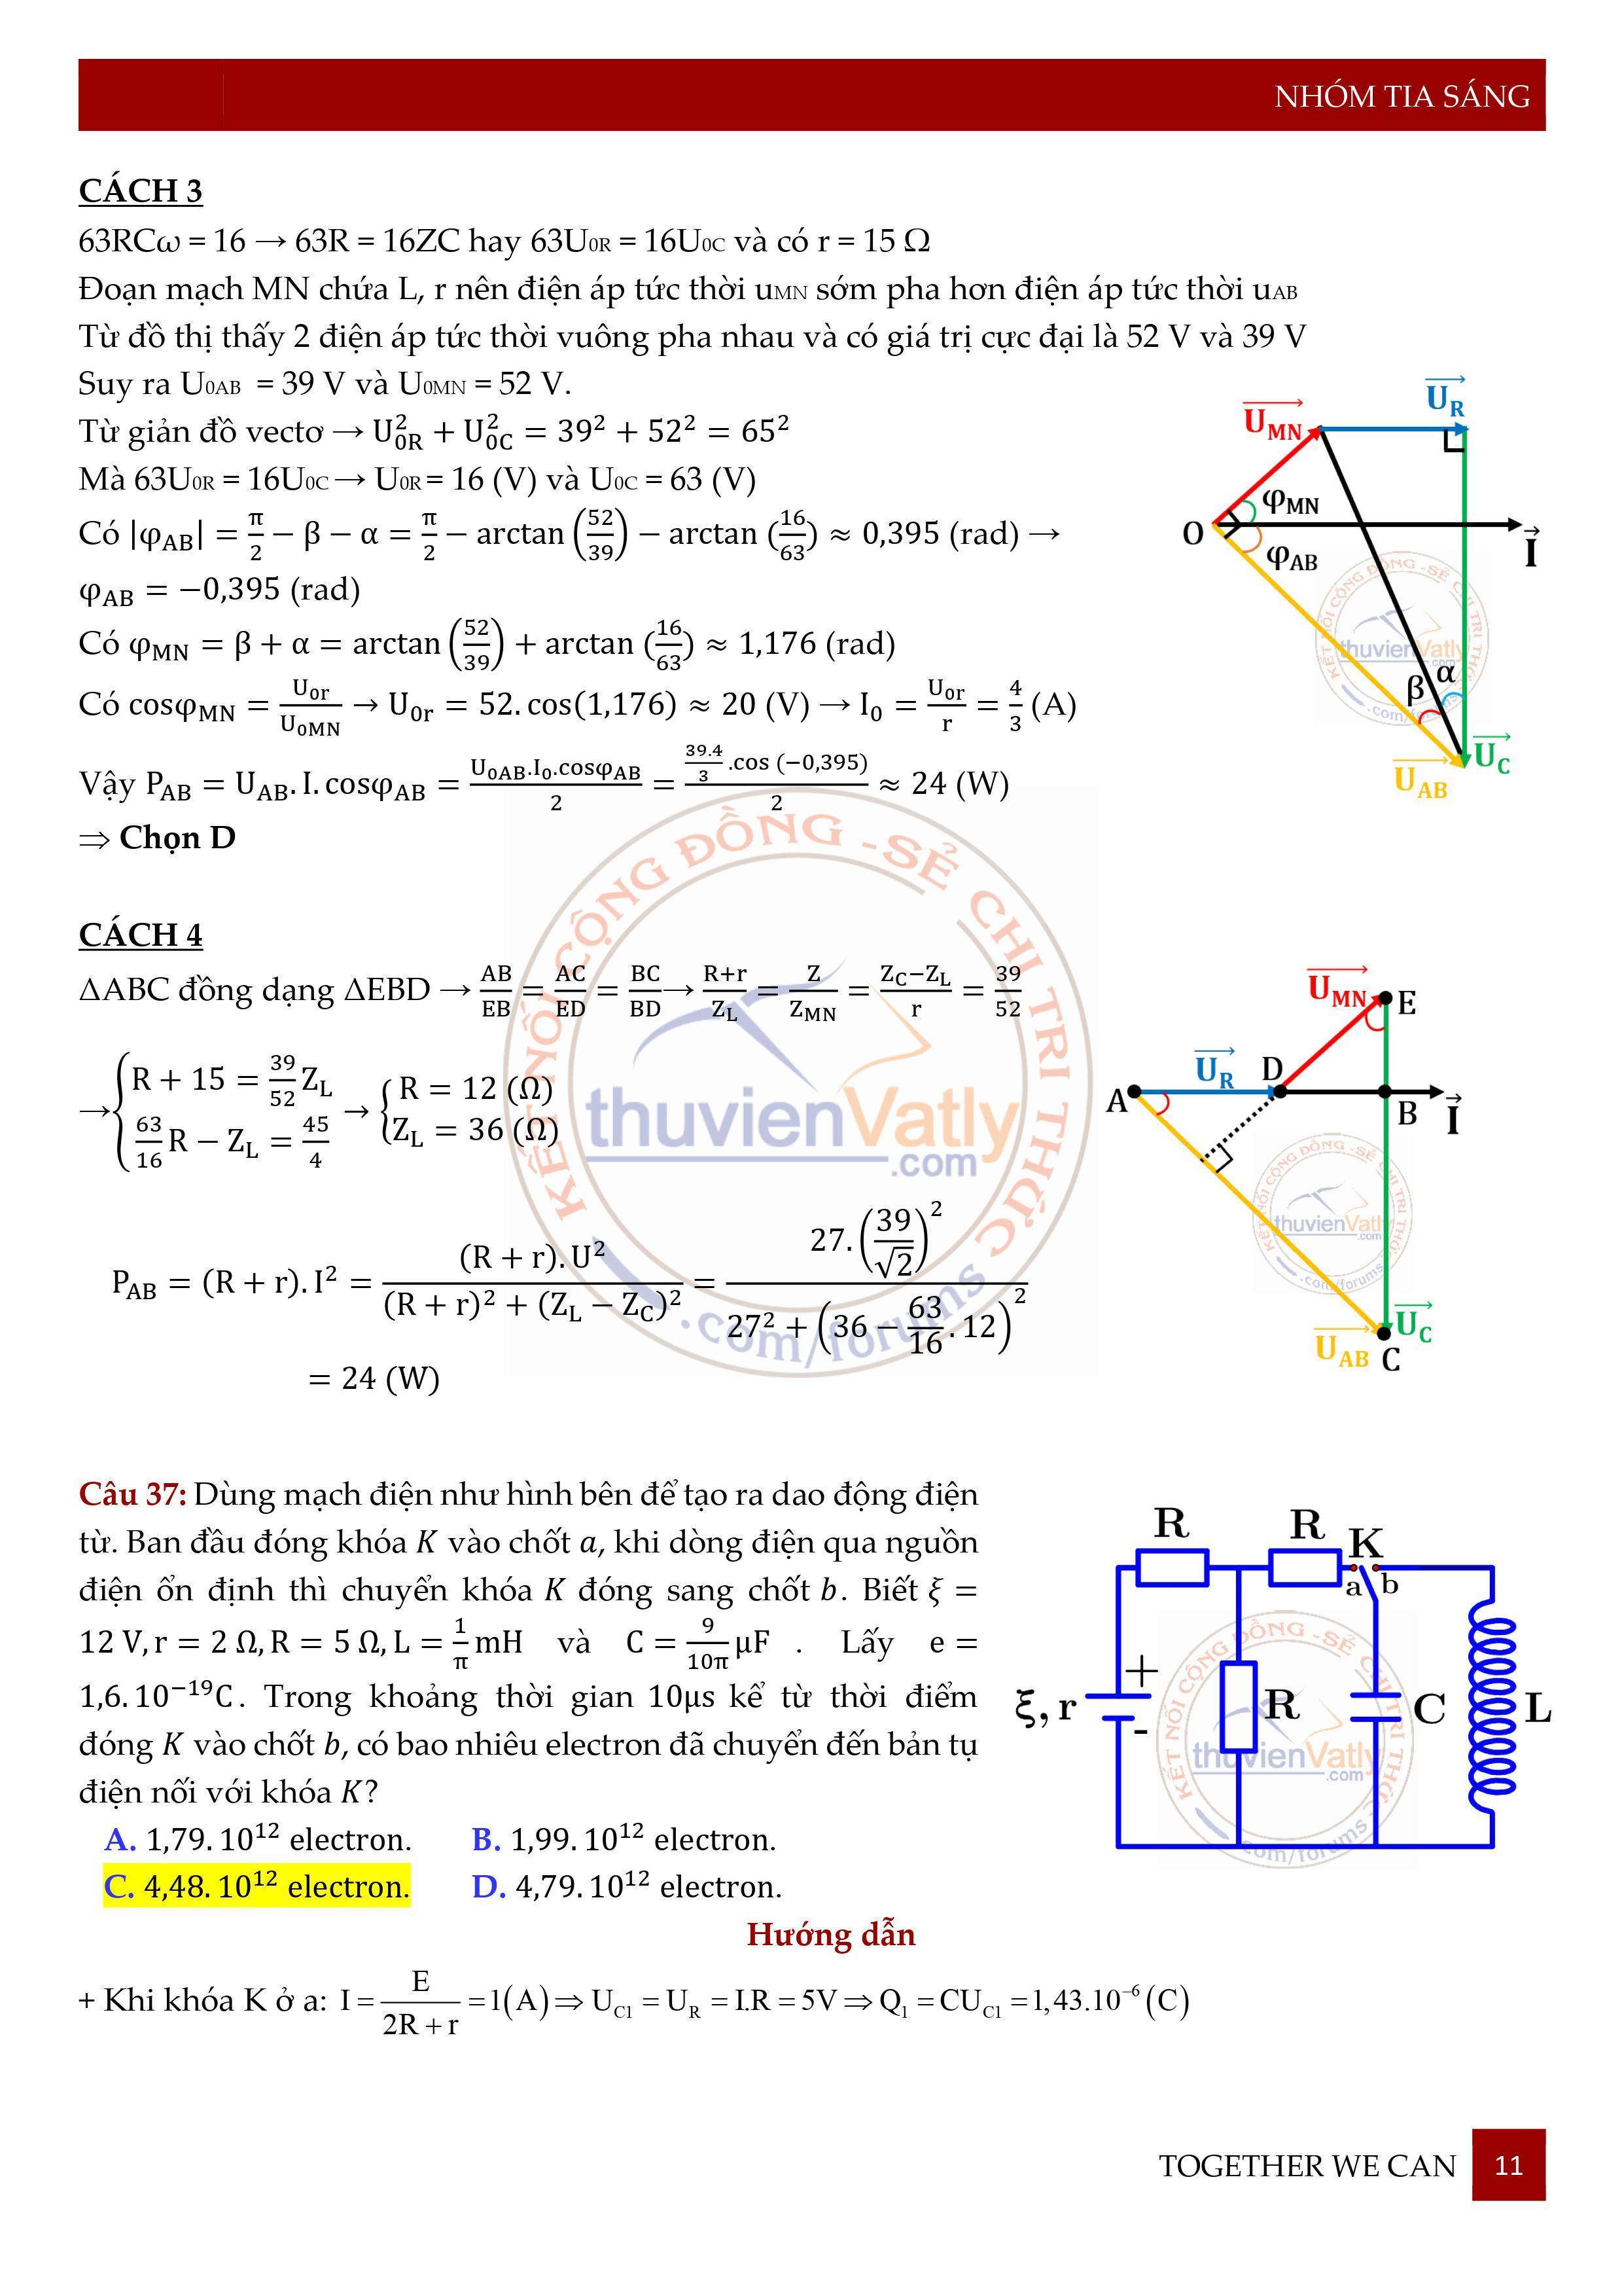 Lời giải chi tiết môn Vật lý thi tốt nghiệp THPT năm 2021 (tham khảo)